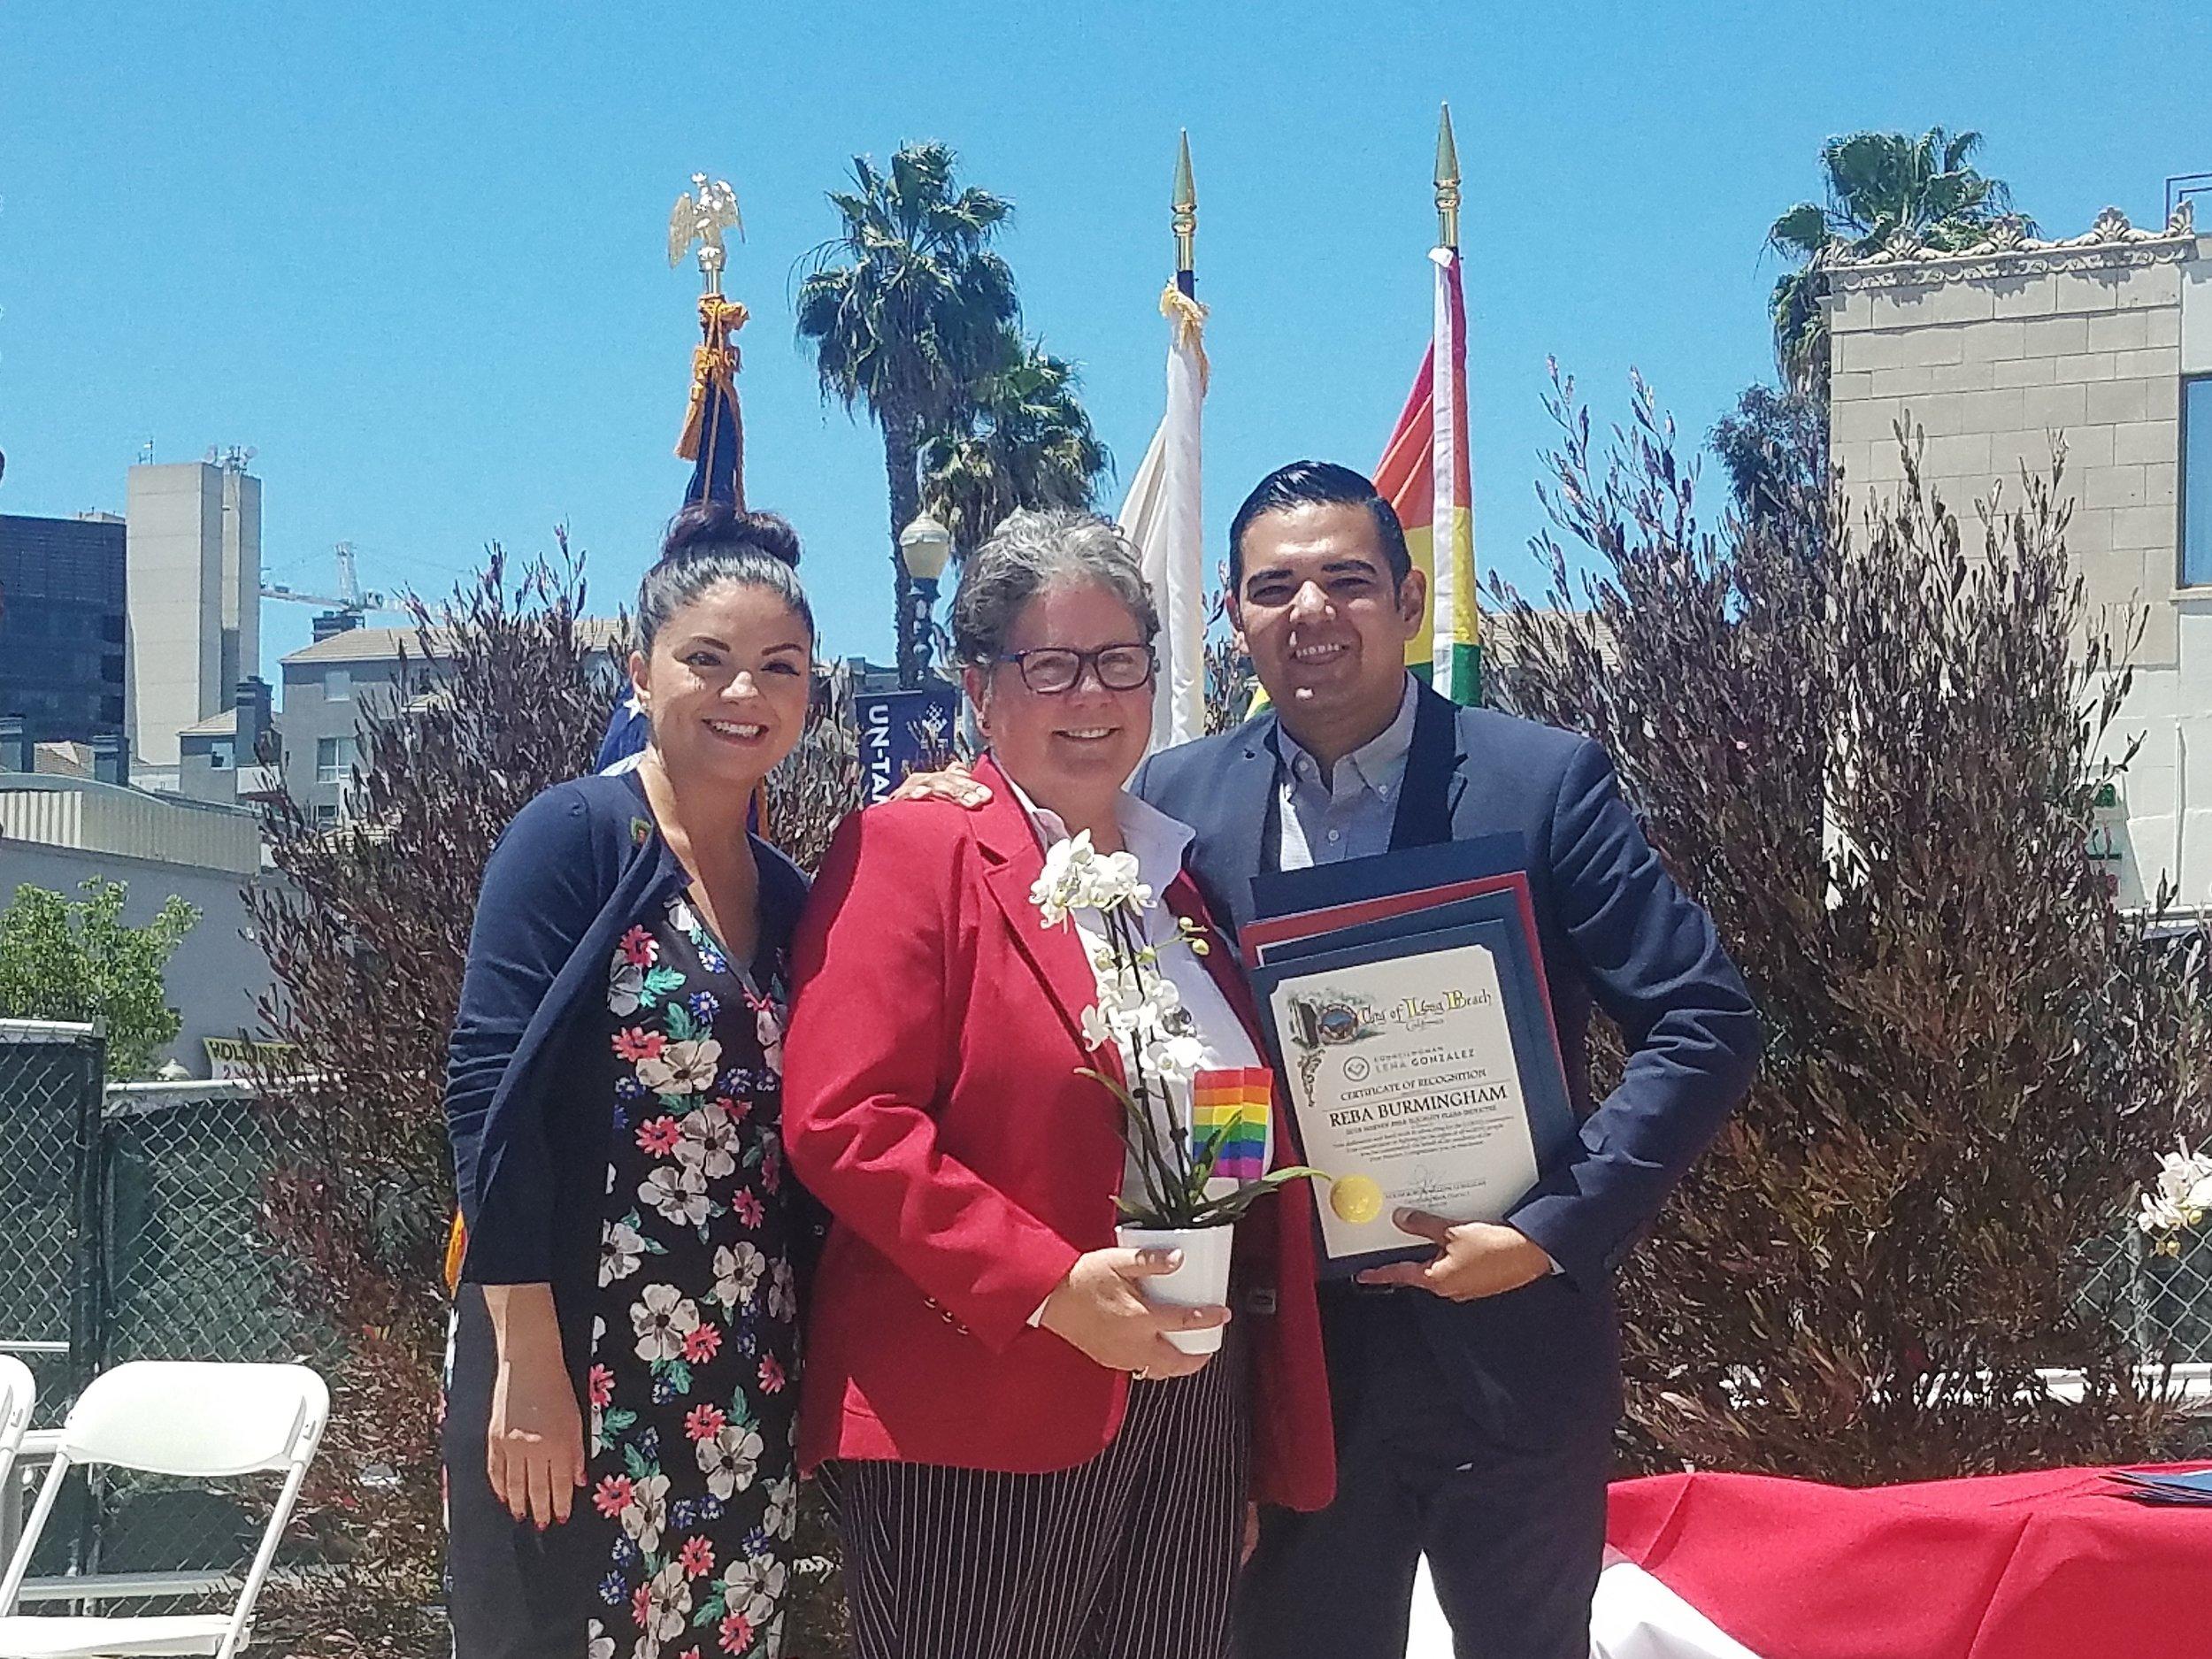 Lena Gonzalez Reba Birmingham Mayor Robert Garcia award.jpg